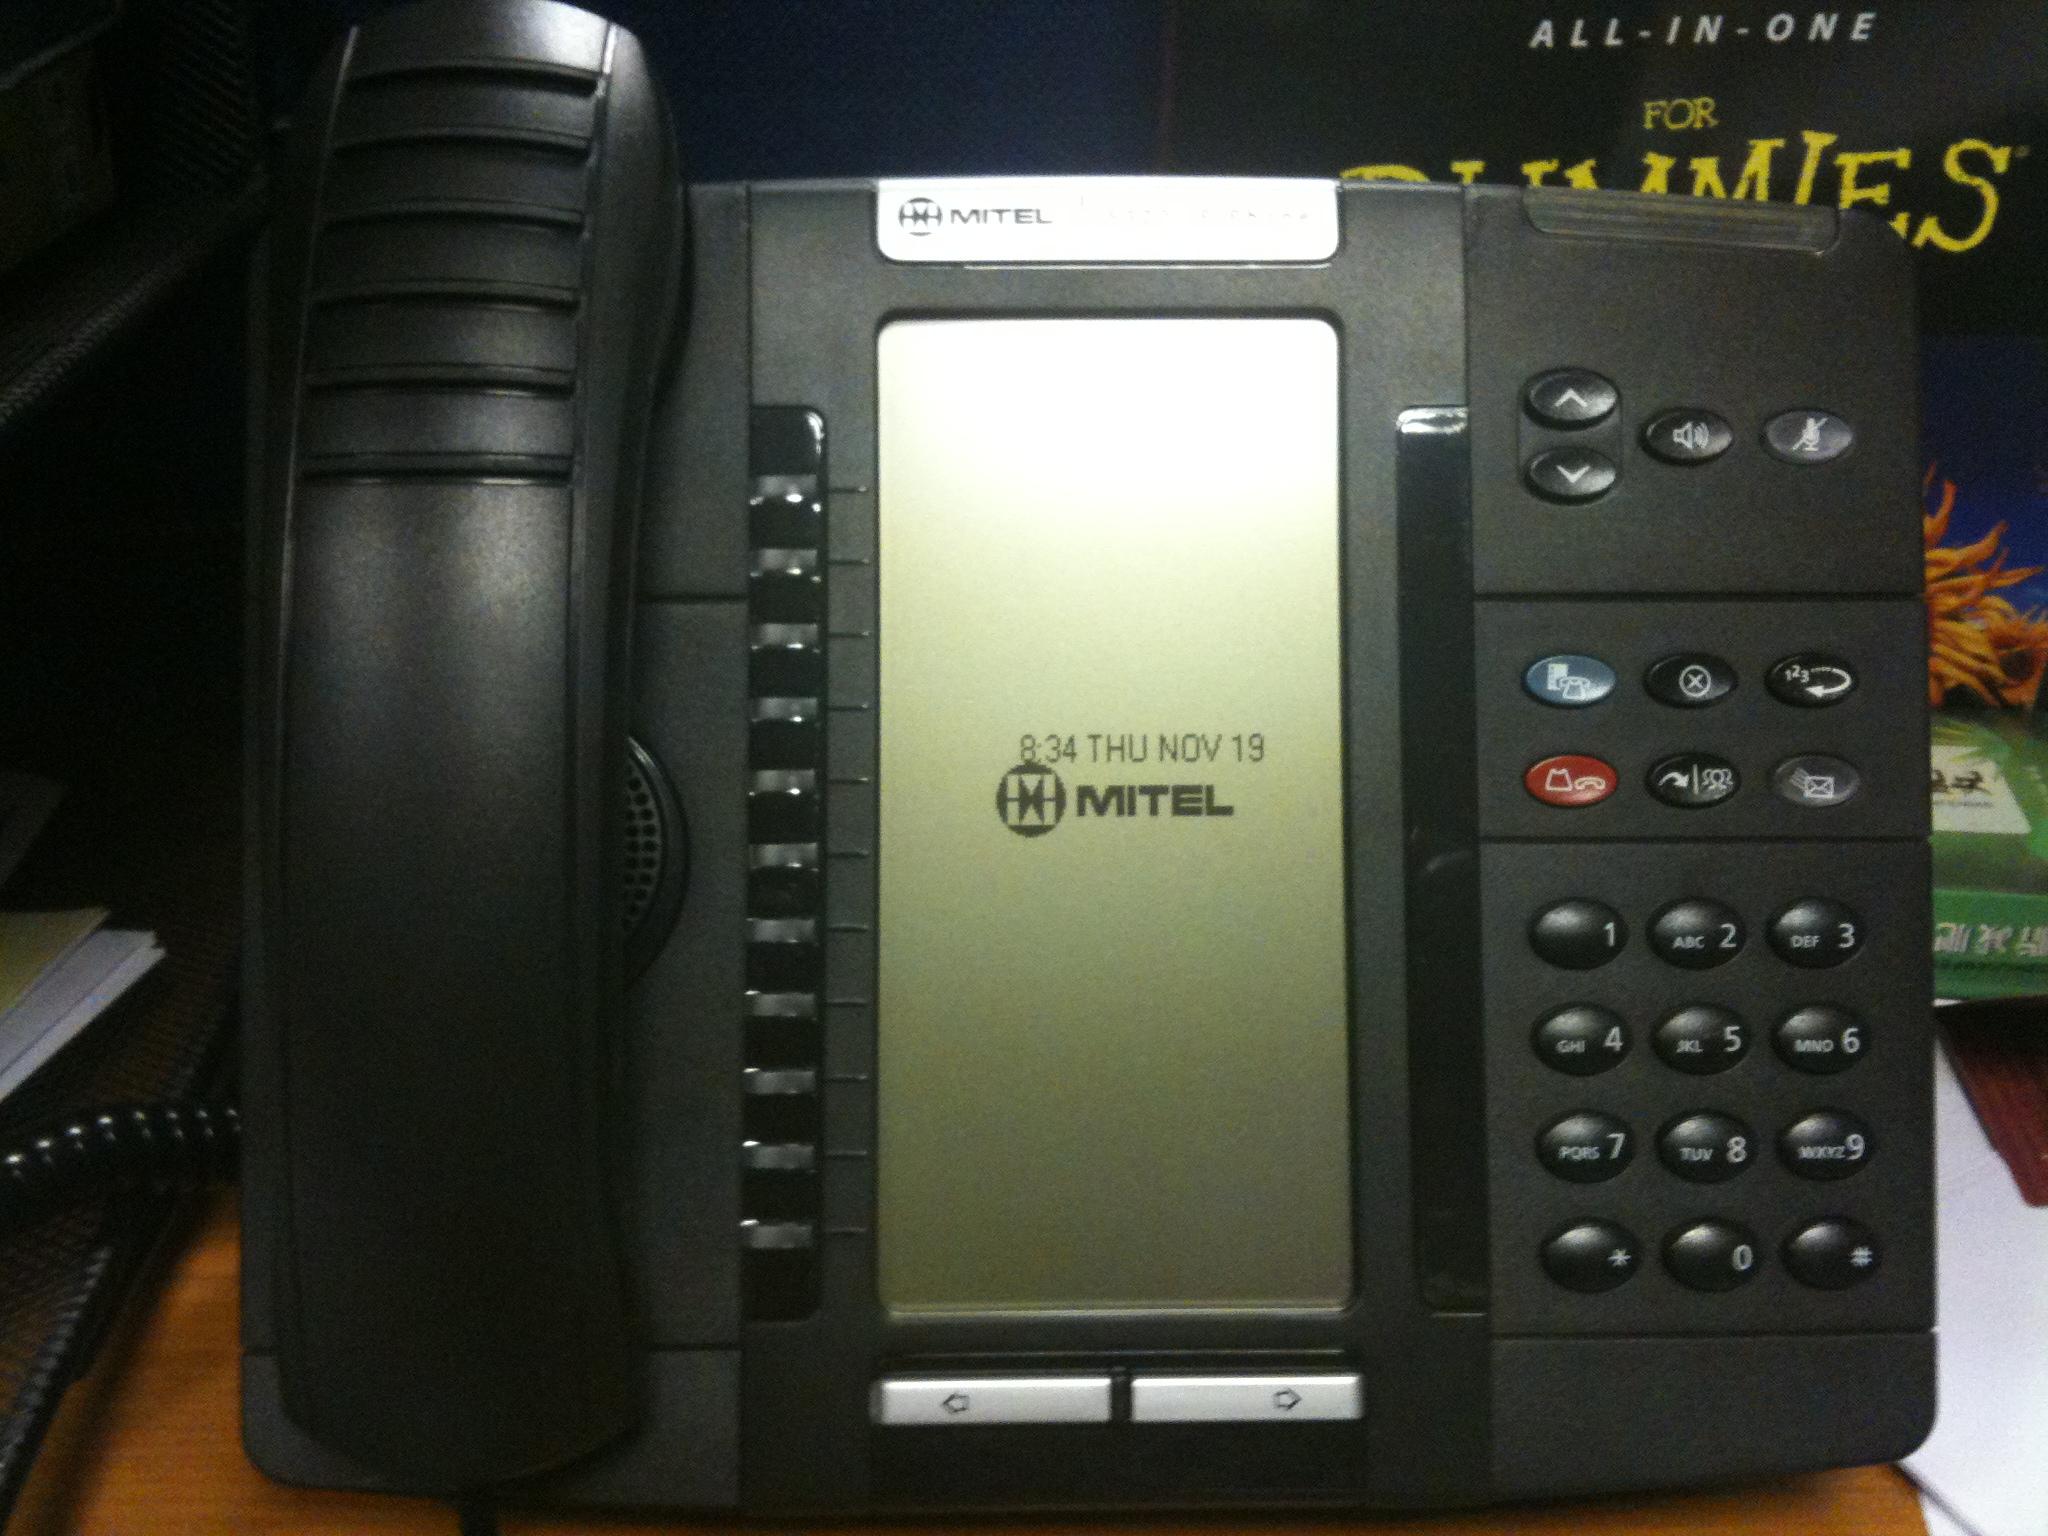 Tổng đài Mitel là một hệ thống tổng đài điện thoại khách sạn của Mitel, có tính năng cung cấp trung tâm cuộc gọi, truyền thông hợp nhất và các giải pháp đám mây